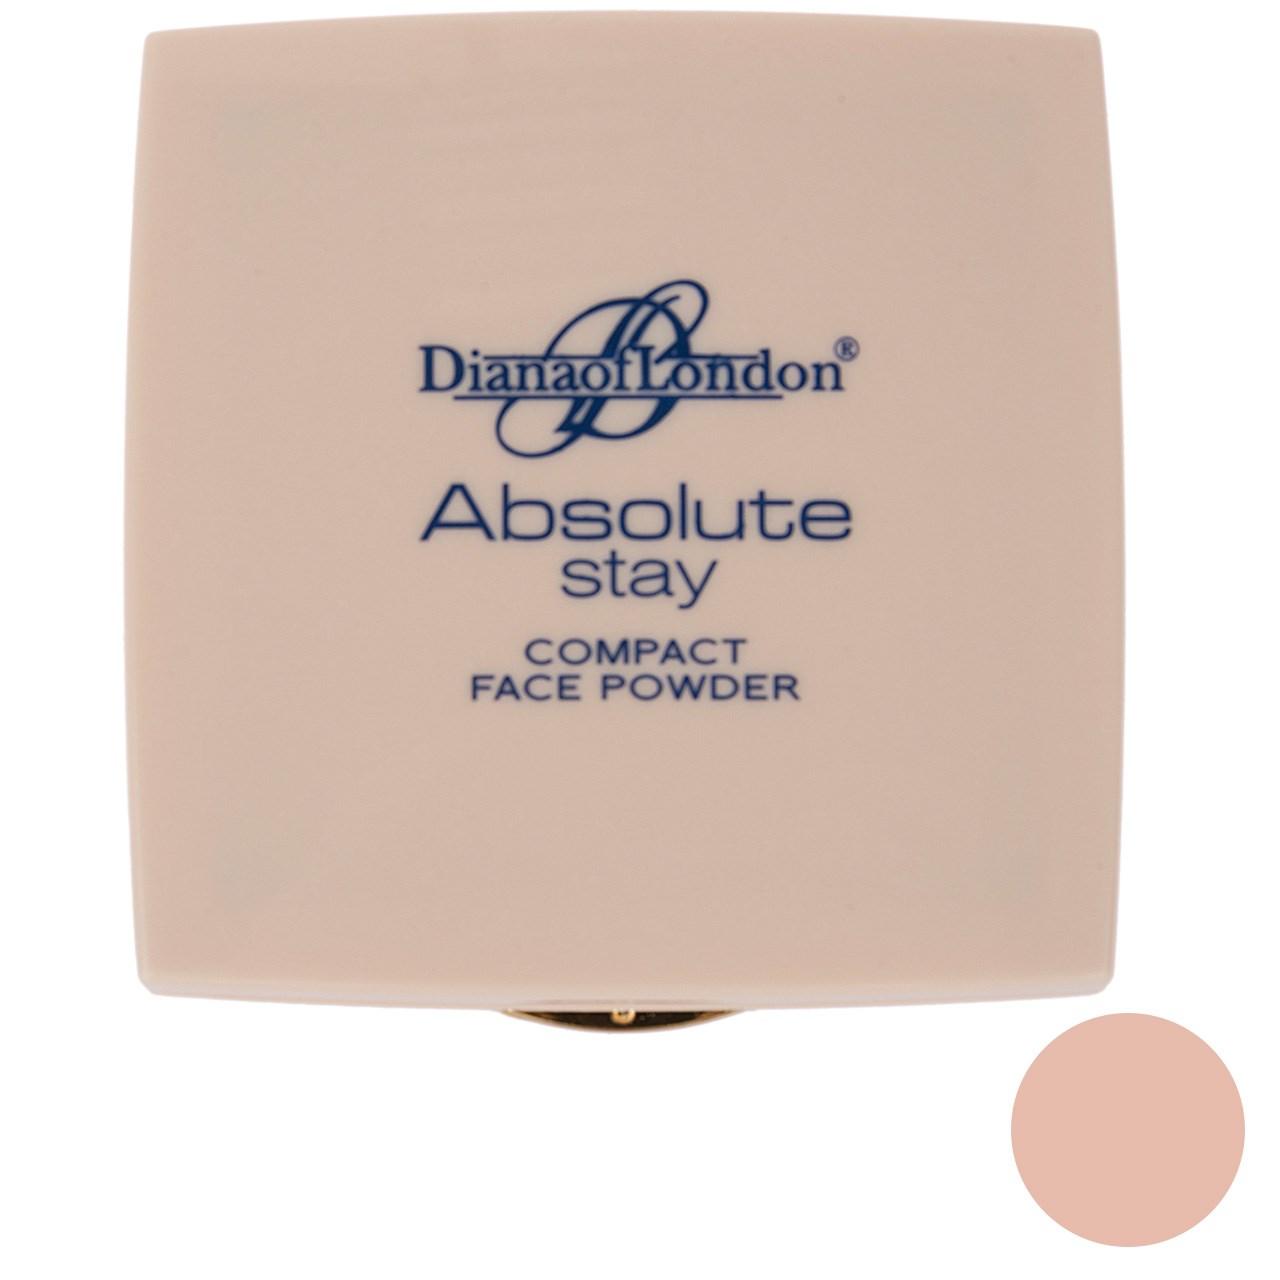 پنکیک دایانا آف لاندن سری Absolute Stay مدل Rose Tan شماره 407